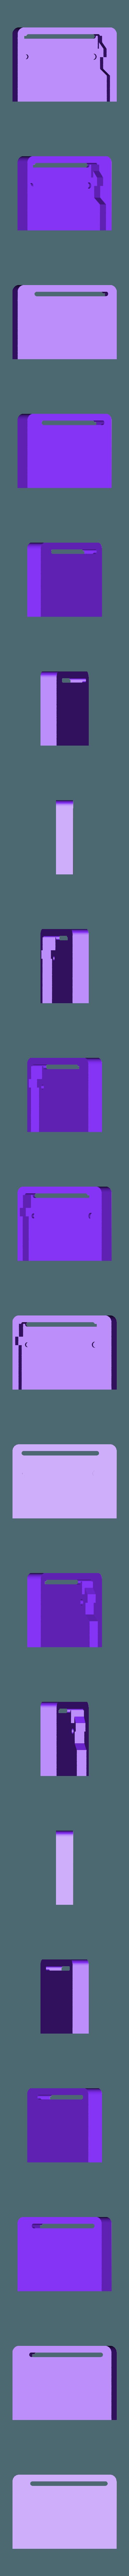 1_SD_Case_A.STL Télécharger fichier STL gratuit Support pour carte SD d'extension • Modèle pour imprimante 3D, perinski